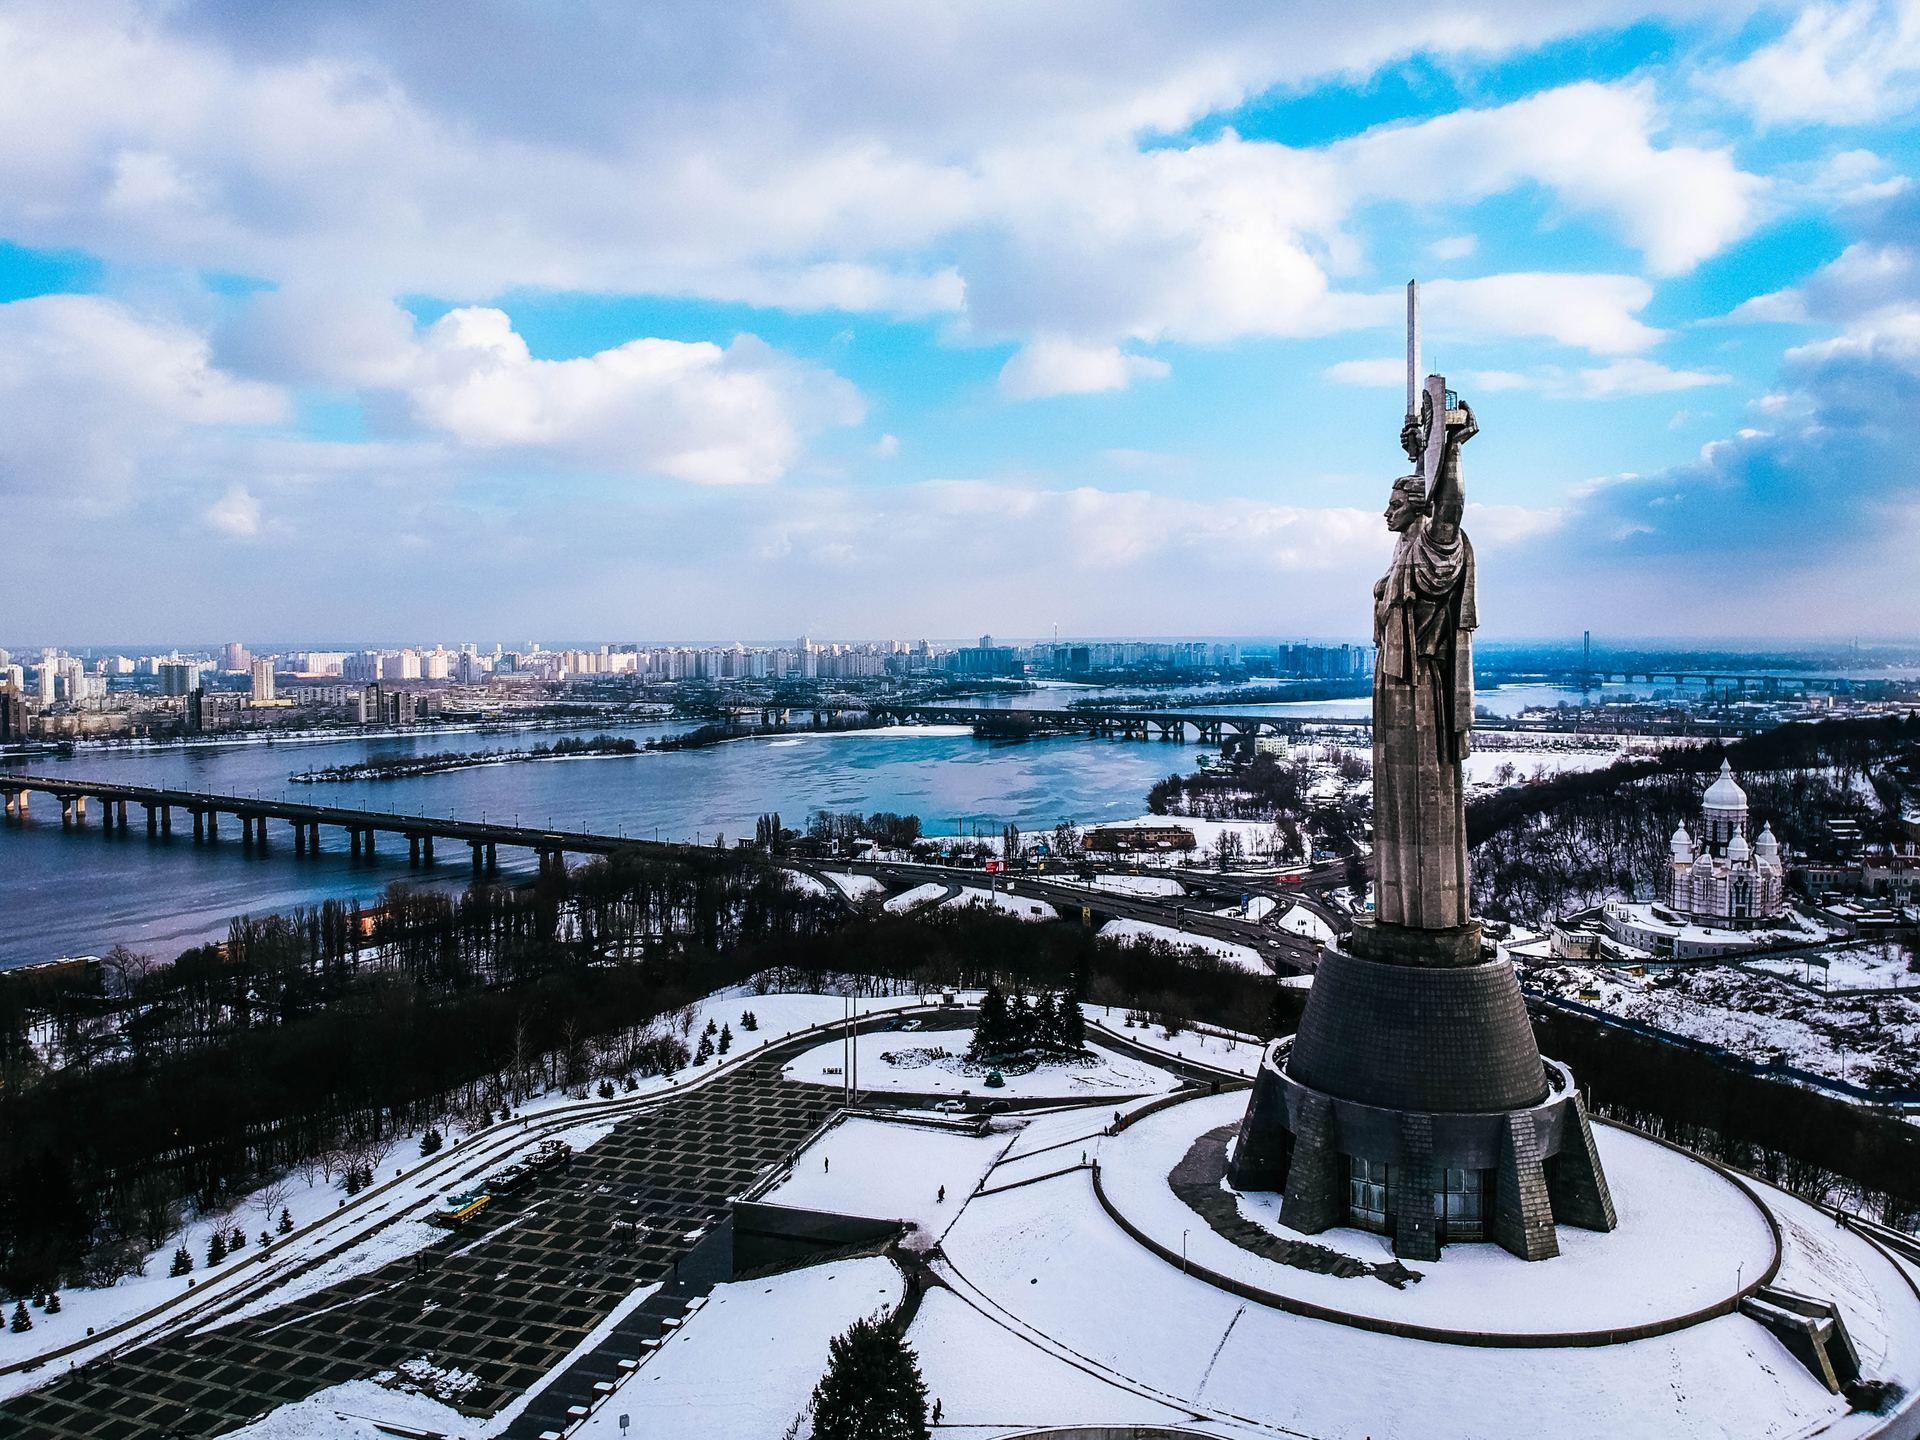 Oplev unikke seværdigheder i Ukraine